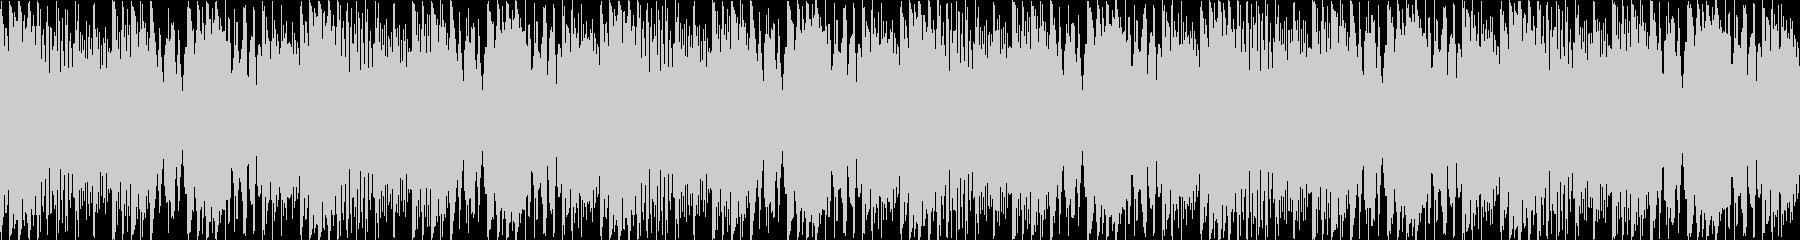 マリンバ/ピアノ/ループ/動画BGM用の未再生の波形